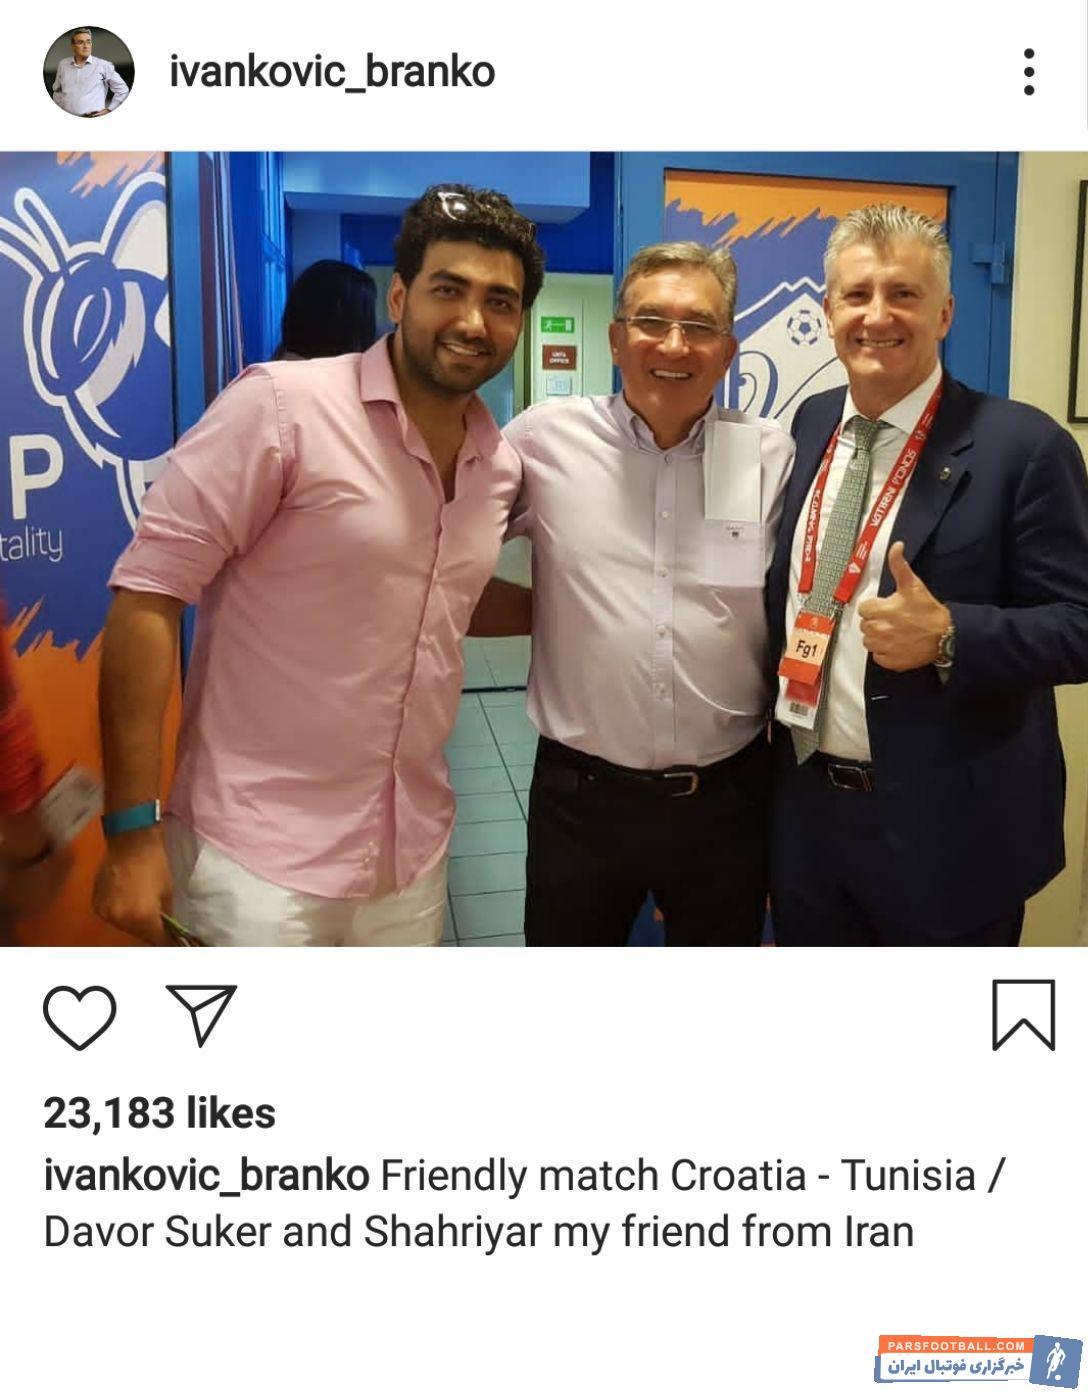 برانکو با استفاده از فرصت تعطیلات لیگ راهی کشورش شده  برانکو پیش از دیدار دوستانه تیم کشورش با تونس دیداری با رئیس فدراسیون فوتبال کرواسی داشت.